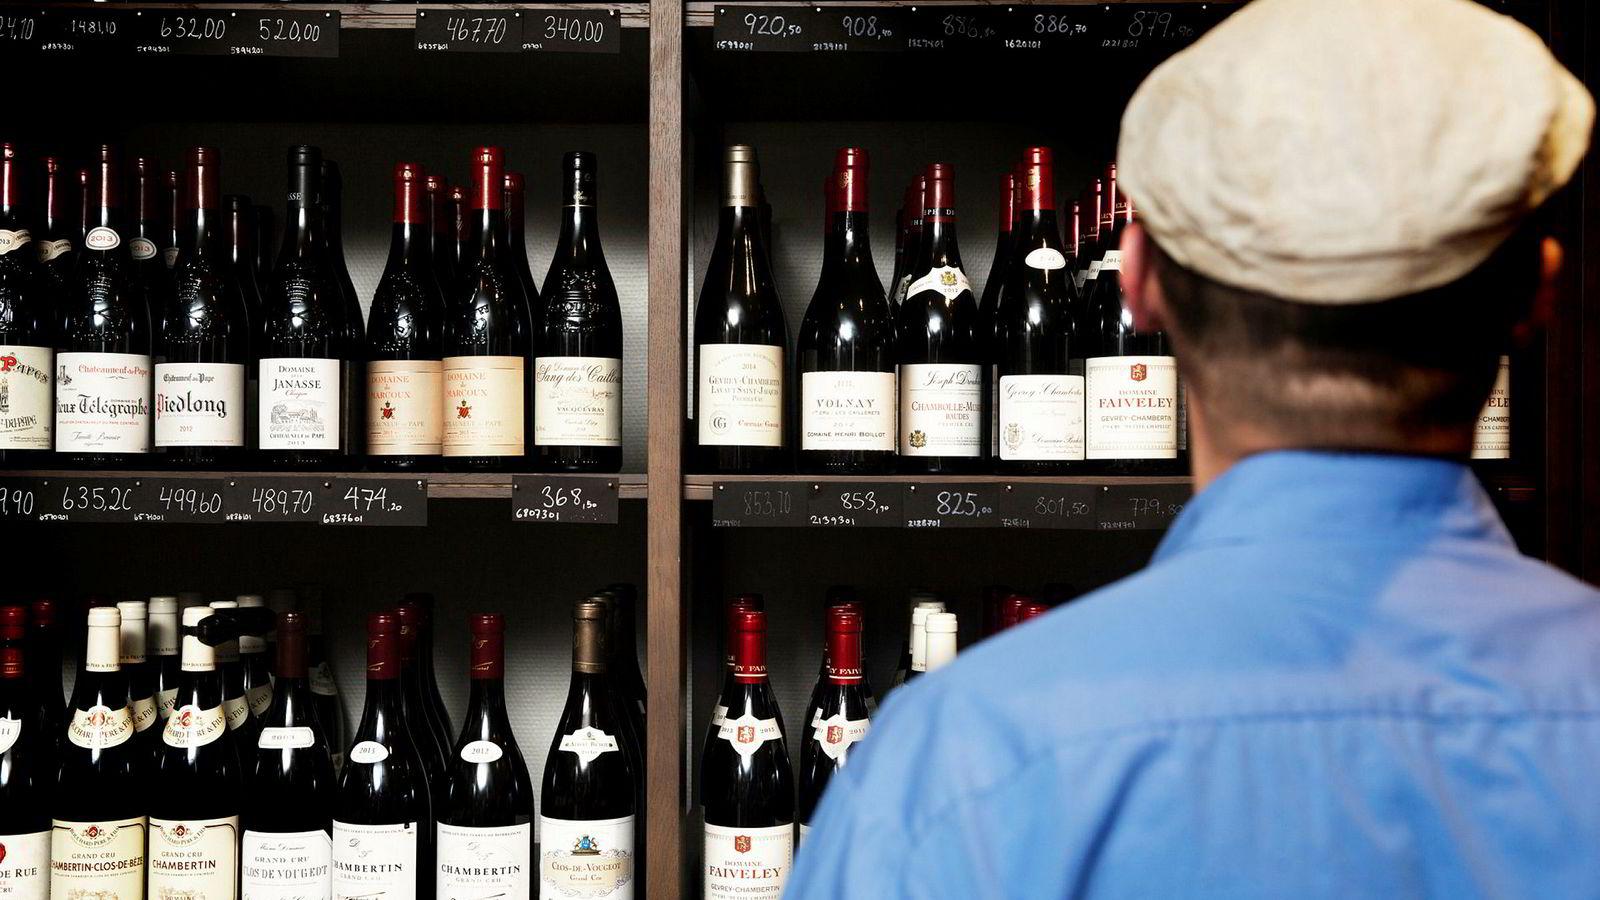 Høye inntekter tatt i betraktning, så er ikke alkohol så dyrt i Norge sammenlignet med mangel land i verden.